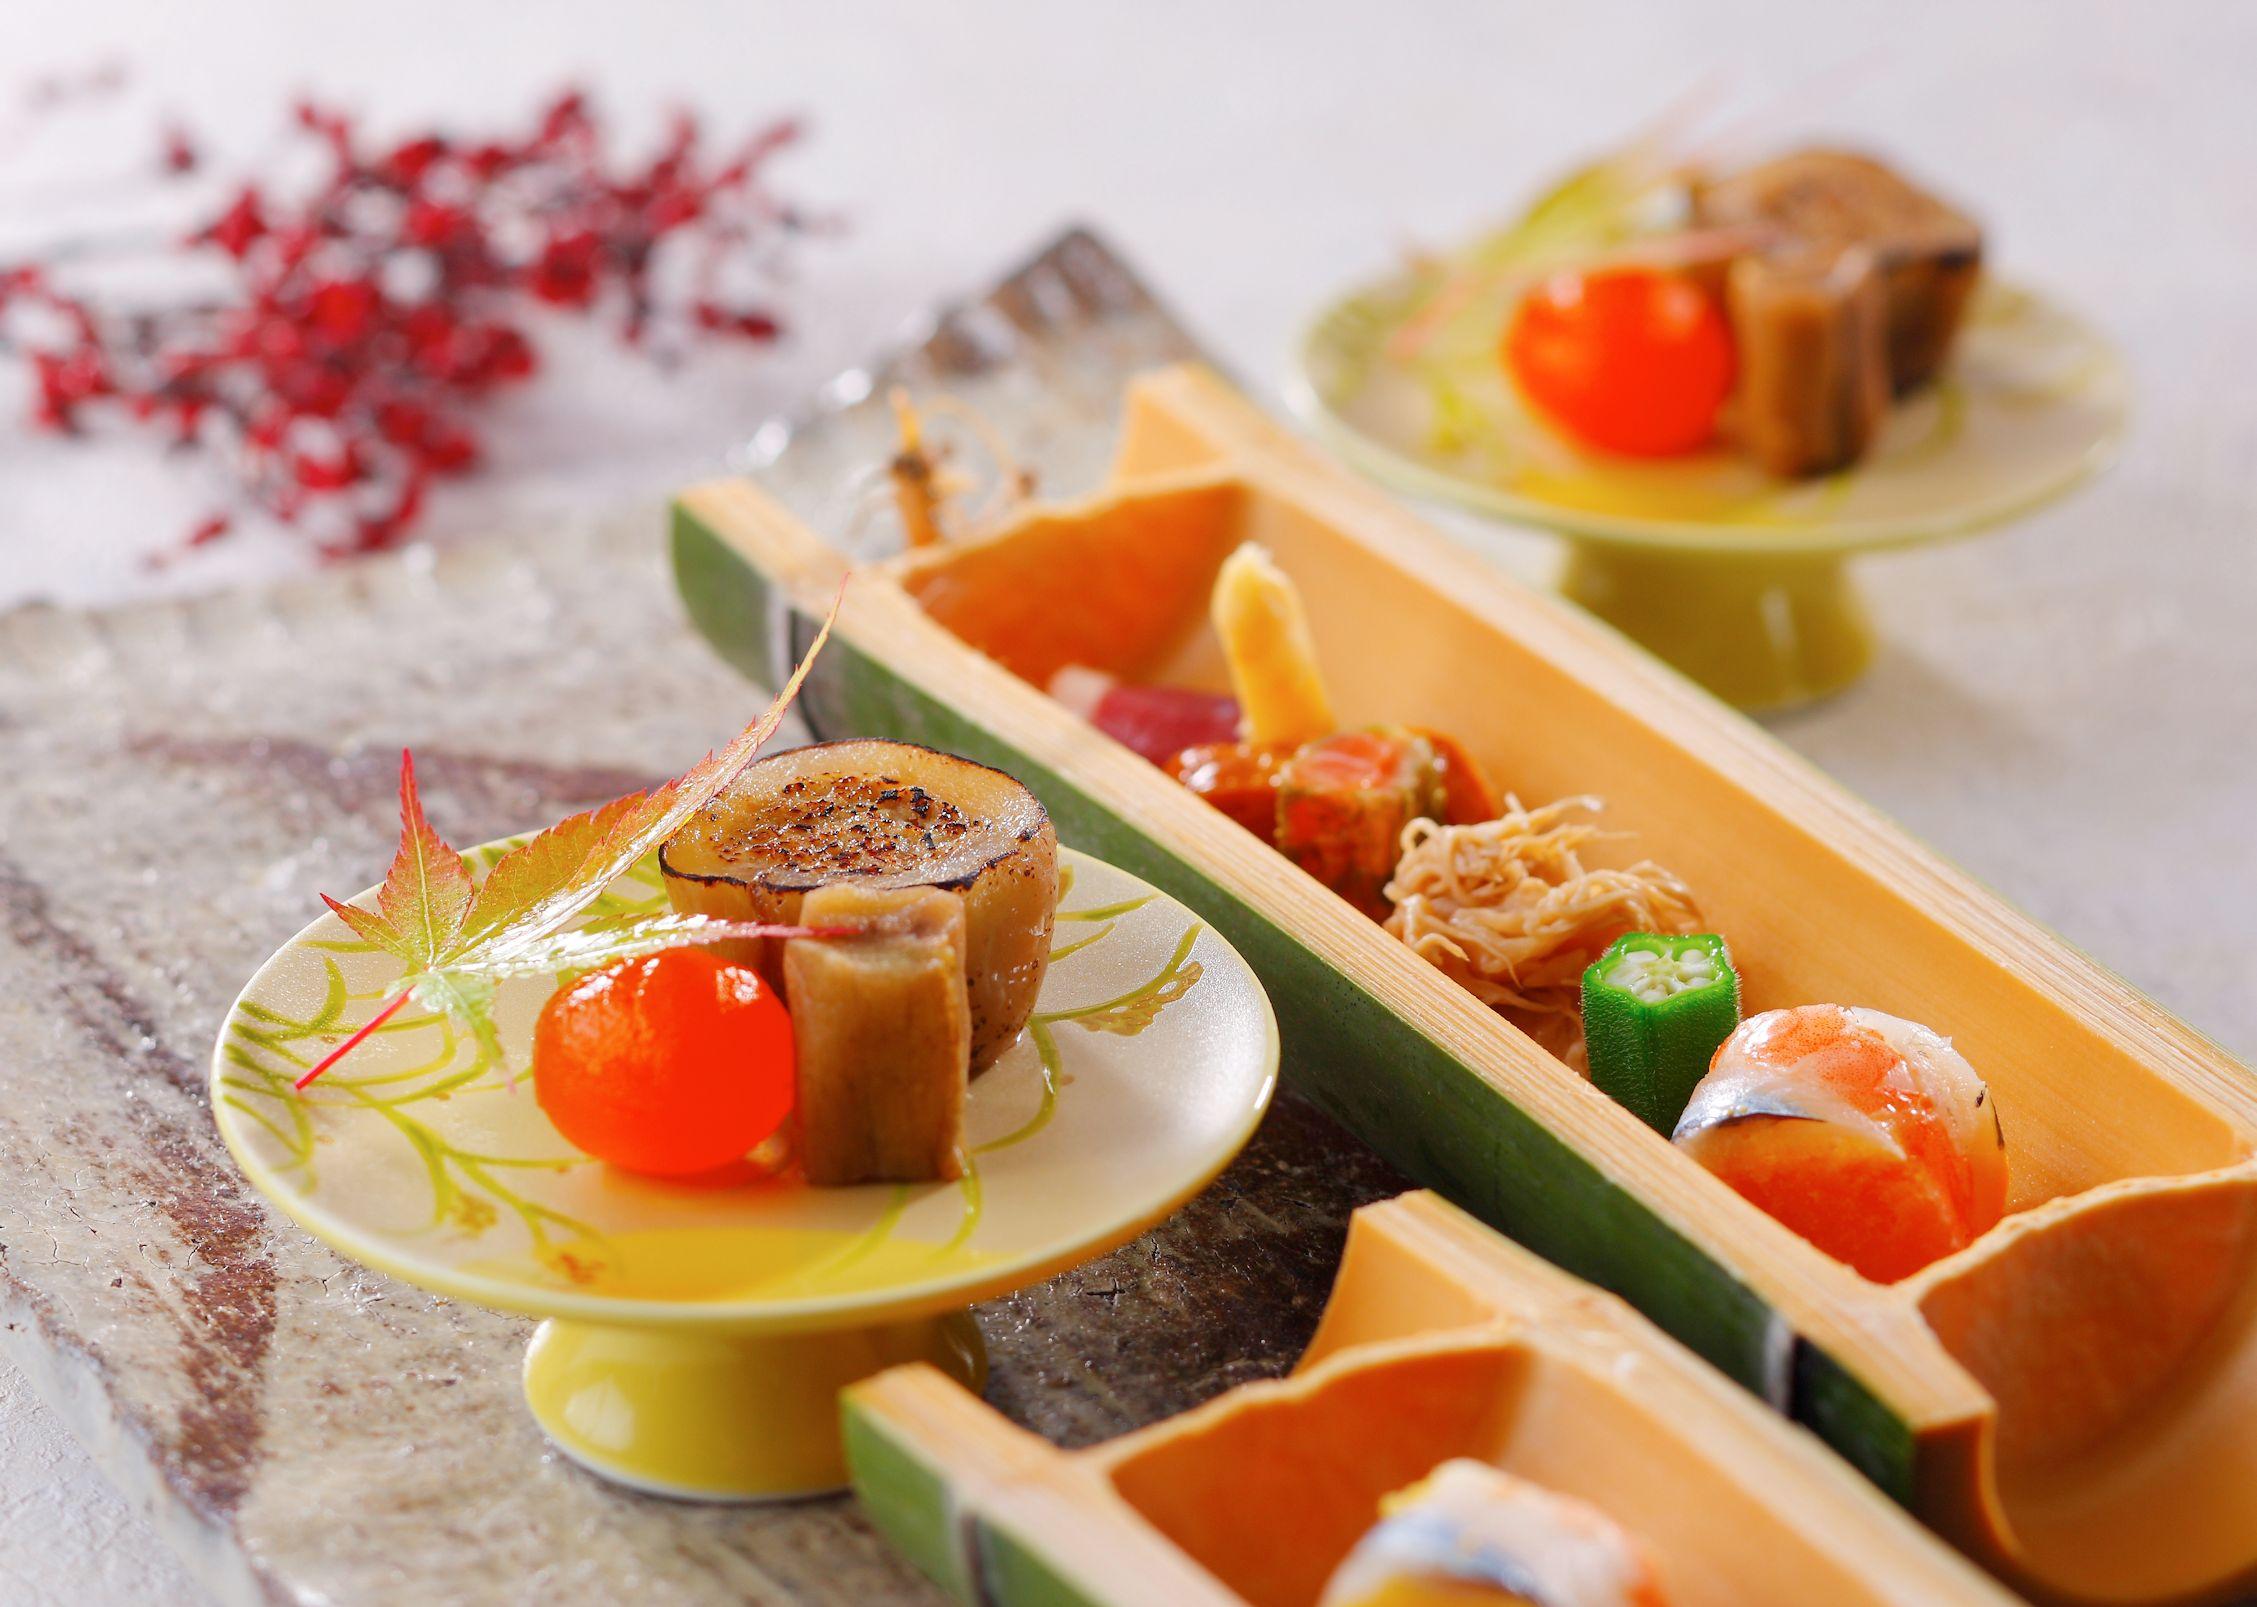 cuisine_07.JPG